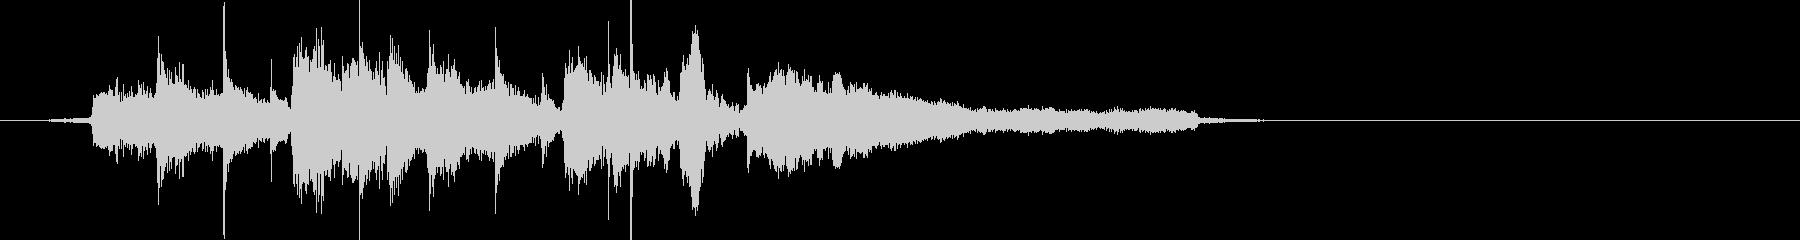 ビーチ風ジングル(波SE入り)の未再生の波形